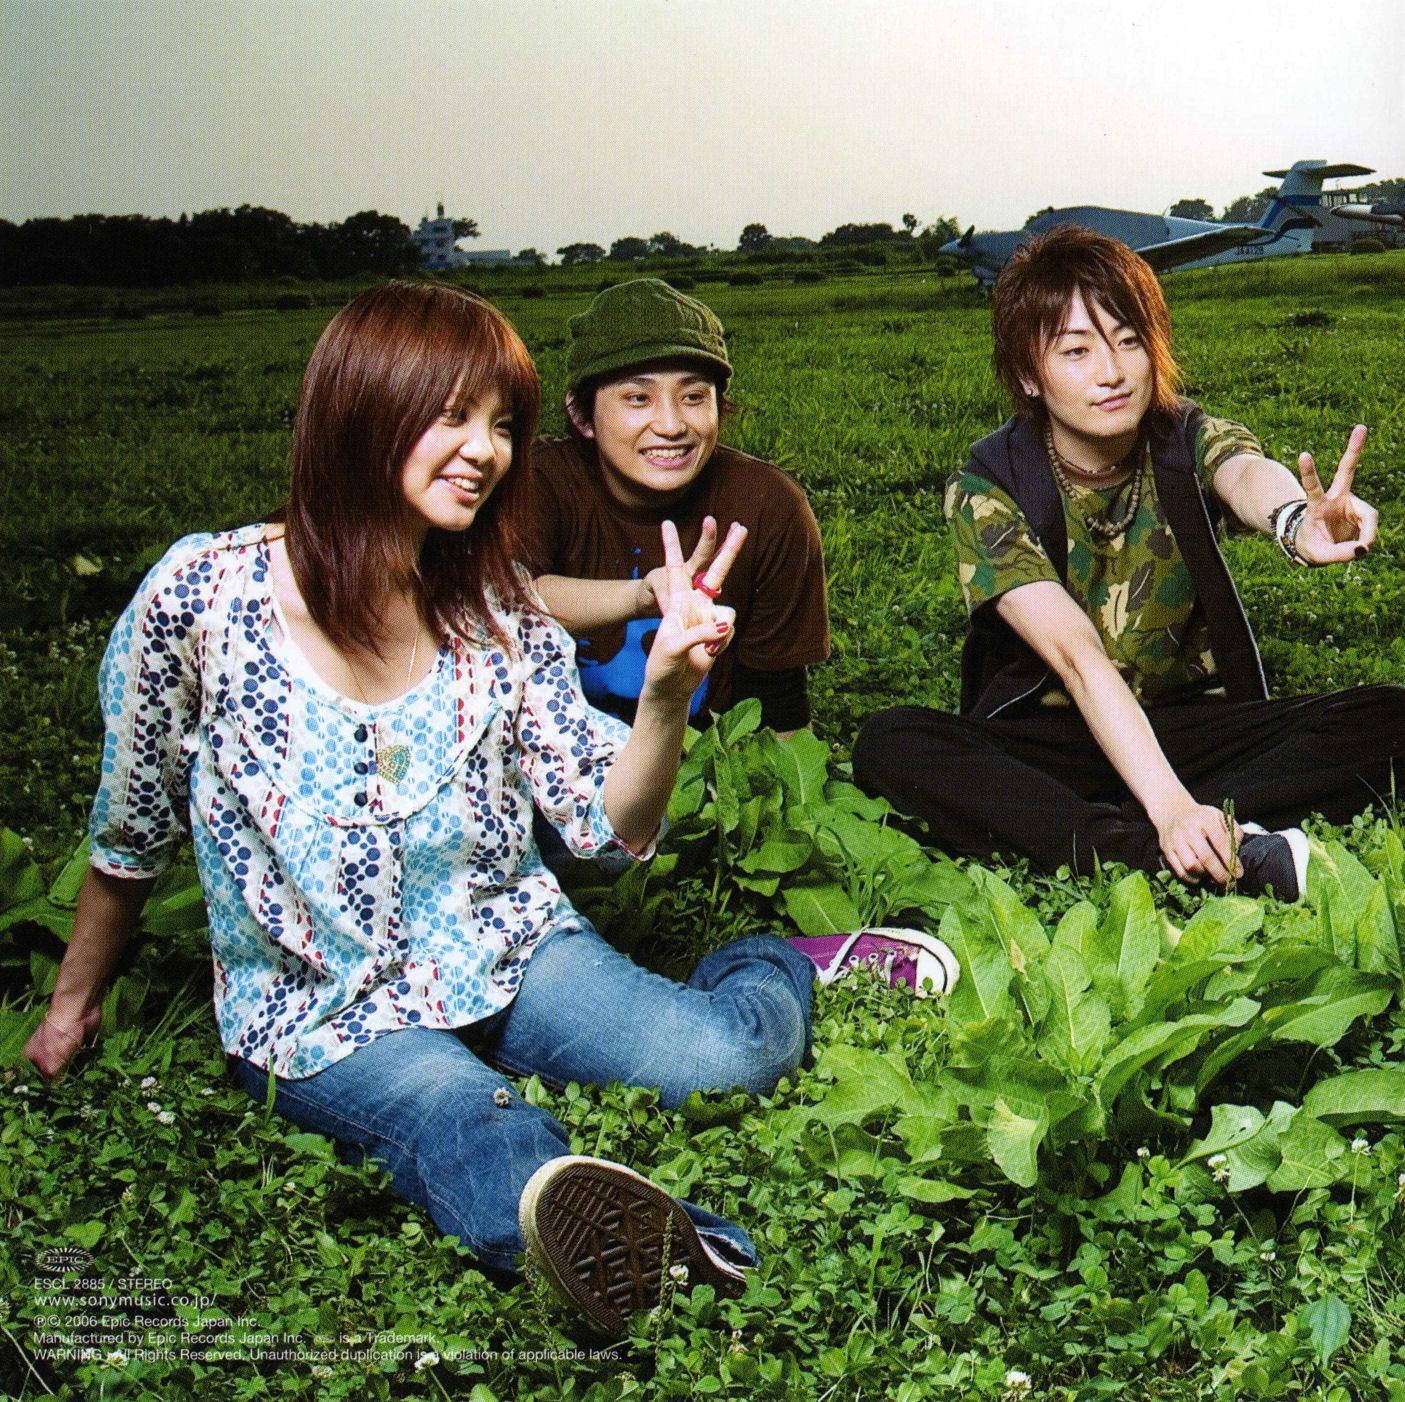 http://3.bp.blogspot.com/-gwoQSUymPoo/Ts-T9vuHpII/AAAAAAAAAaI/Yc4eKXuku-A/s1600/Ikimono_Gakari.jpg